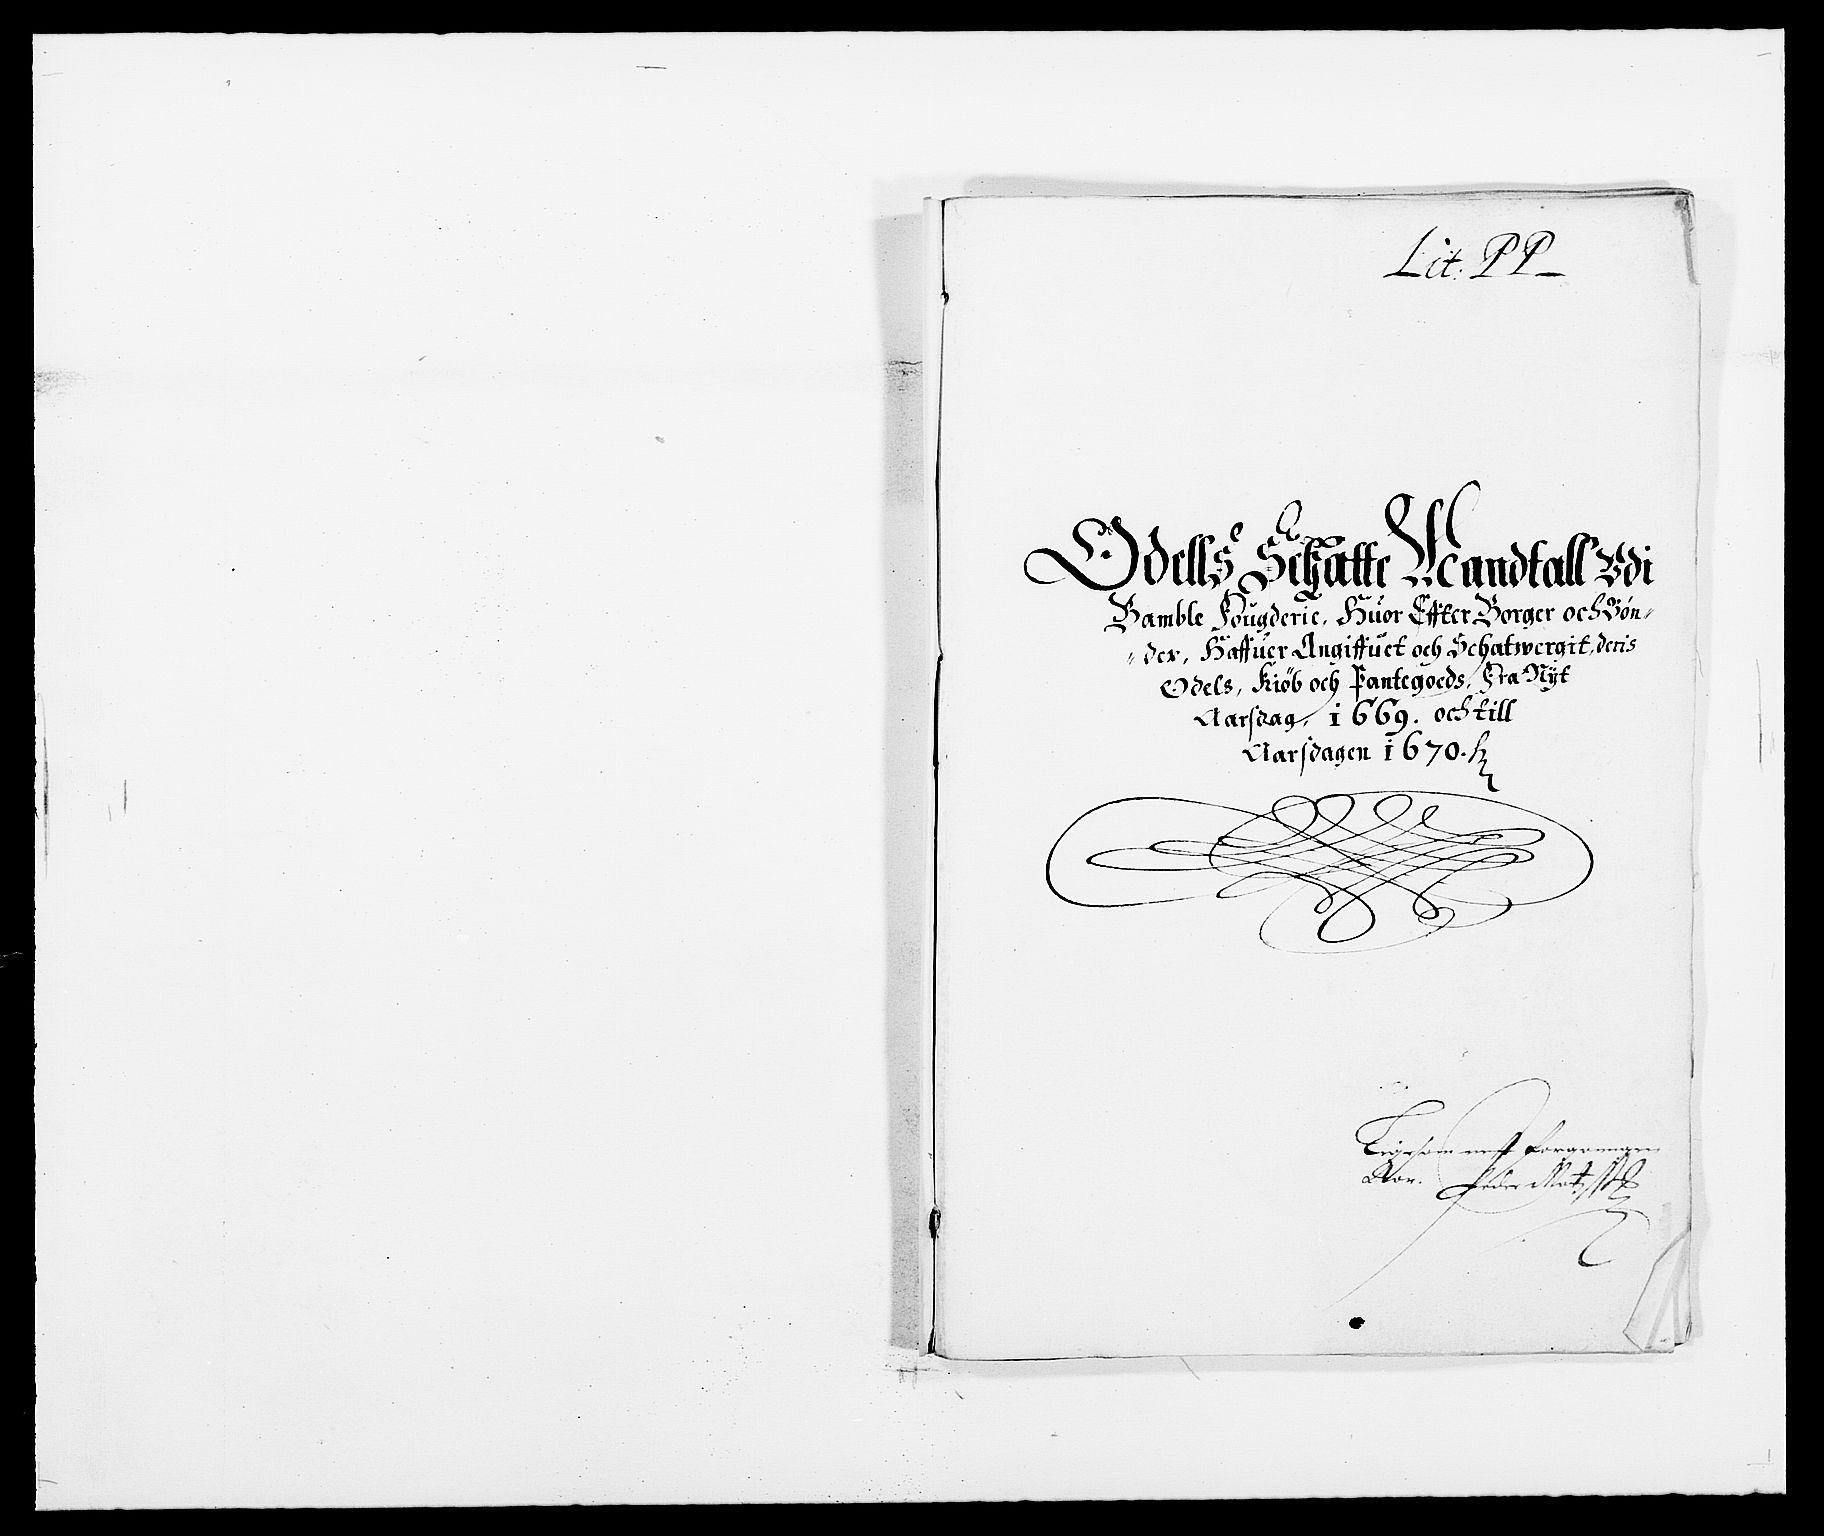 RA, Rentekammeret inntil 1814, Reviderte regnskaper, Fogderegnskap, R34/L2040: Fogderegnskap Bamble, 1662-1669, s. 196